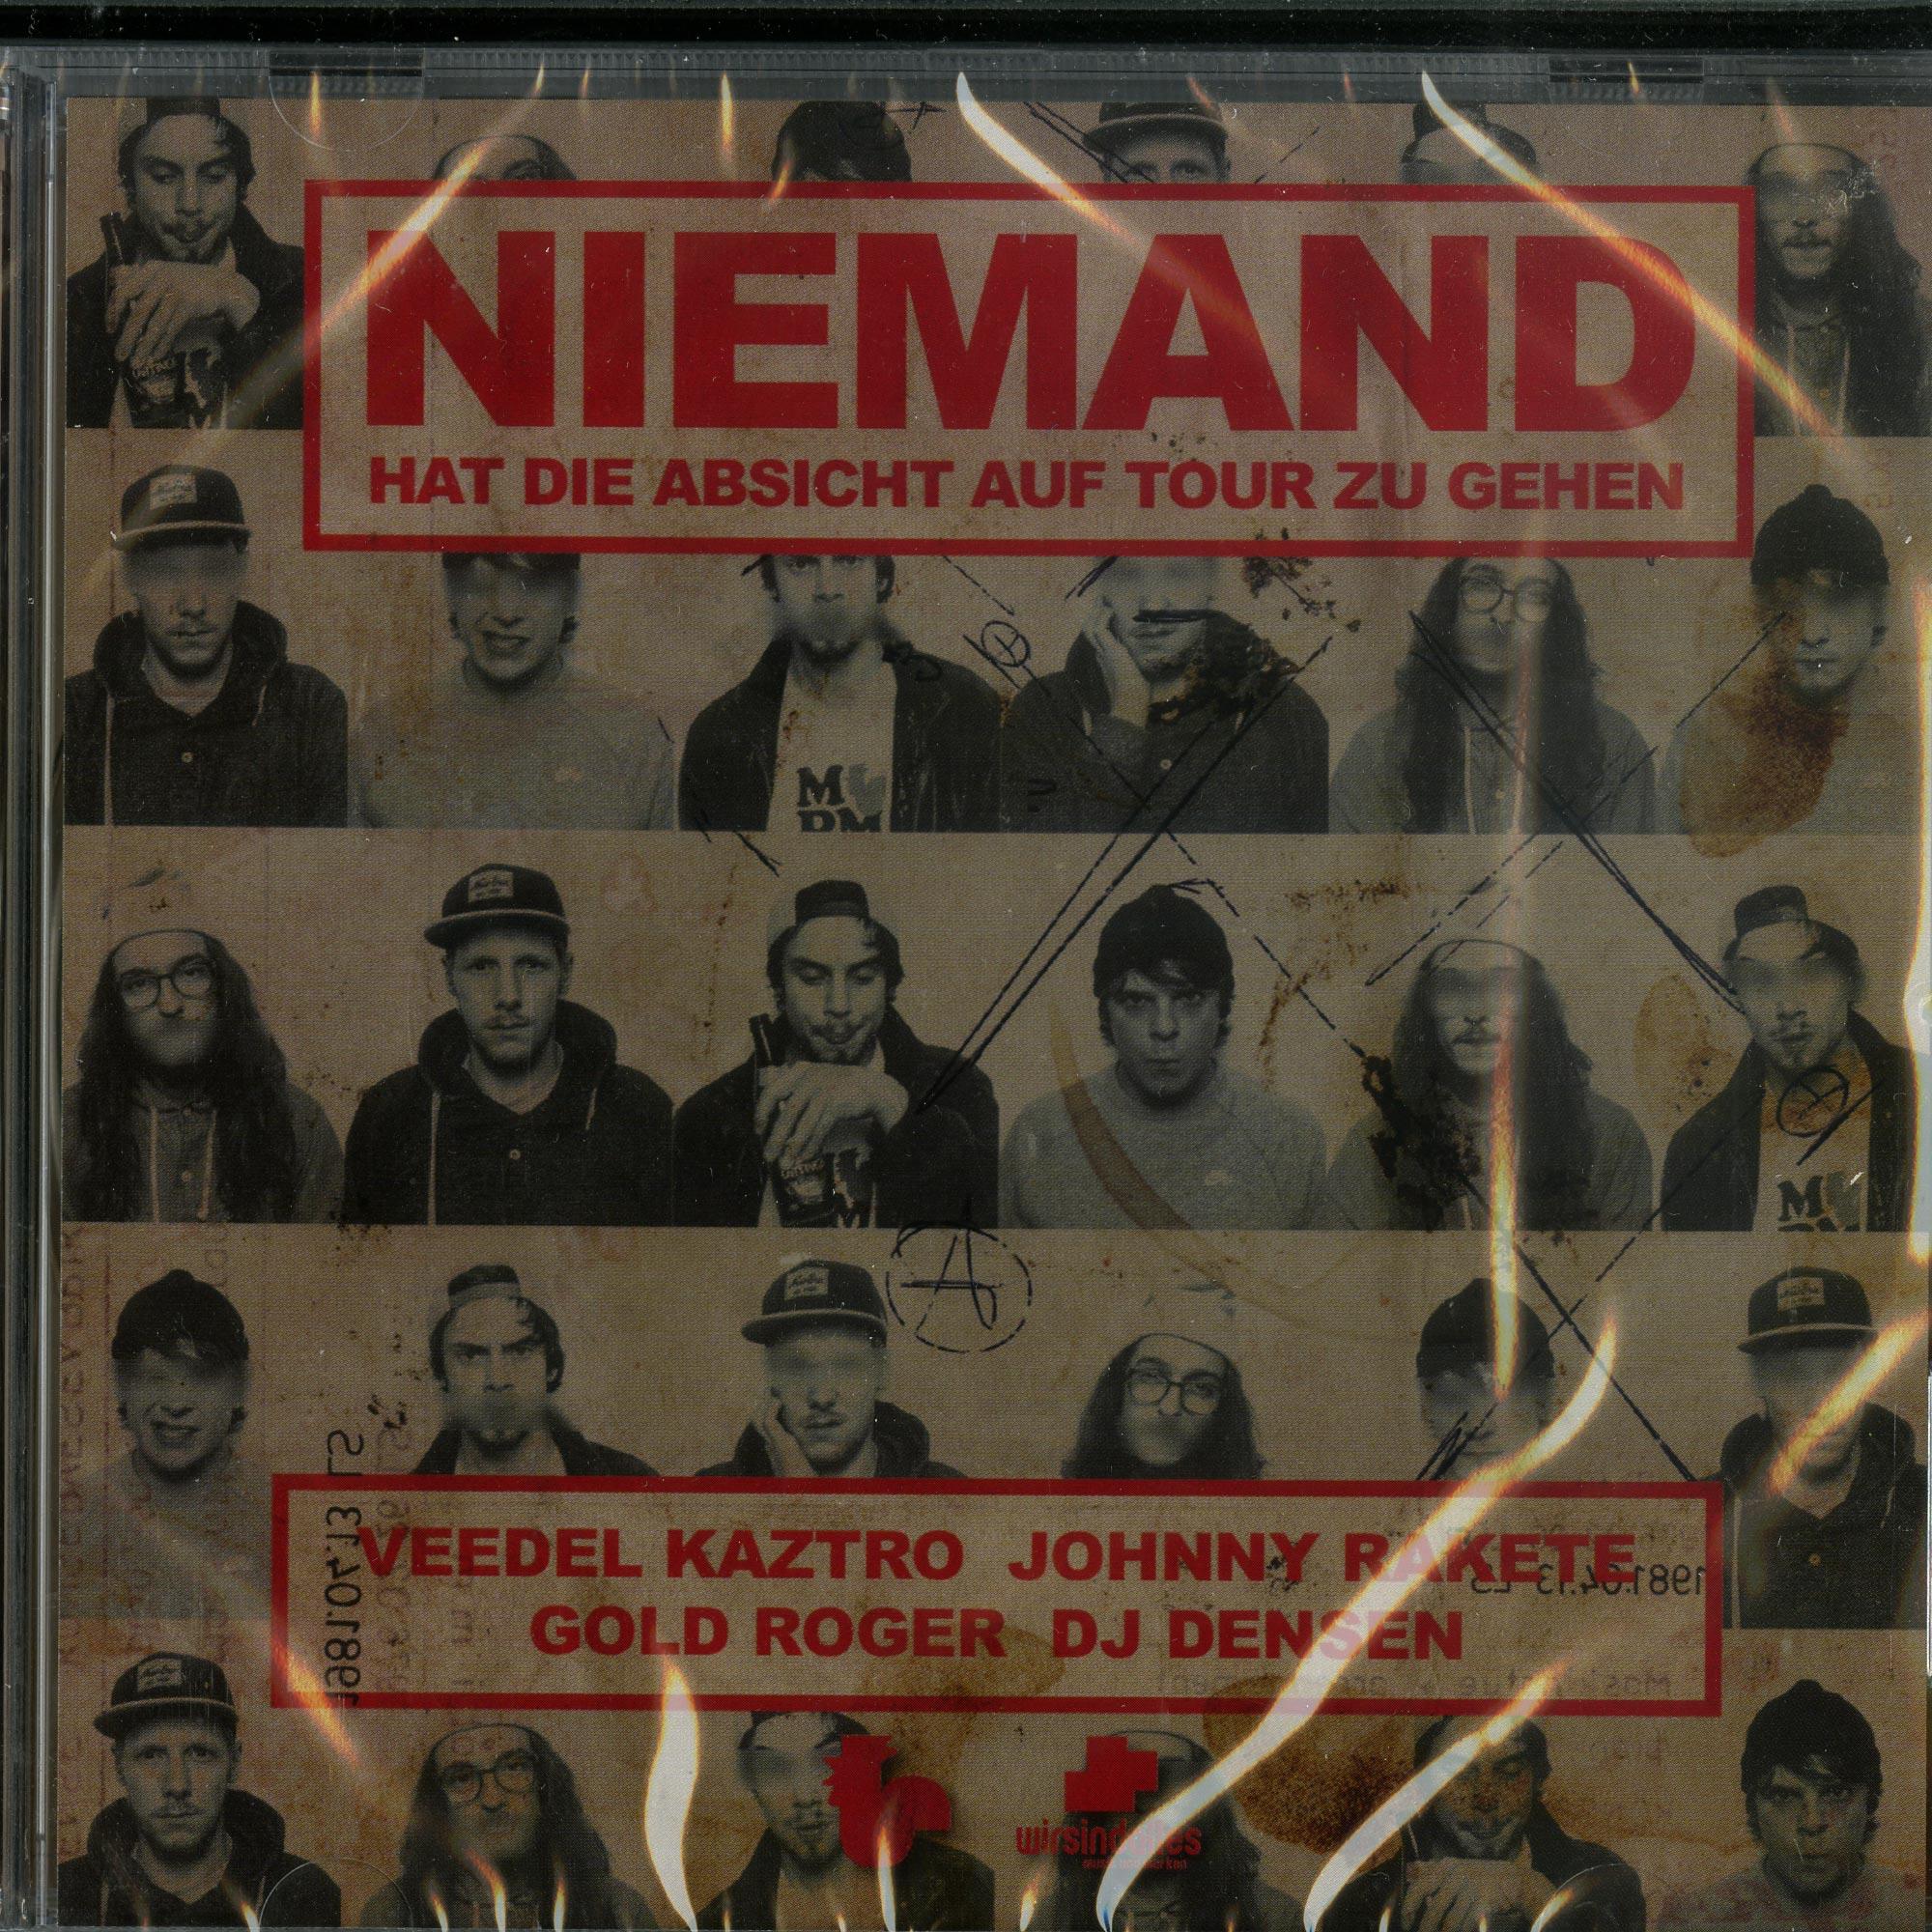 Veedel Kaztro, Johnny Rake, Gold Roger & DJ Densen - NIEMAND HAT DIE ABSICHT AUF TOUR ZU GEHEN